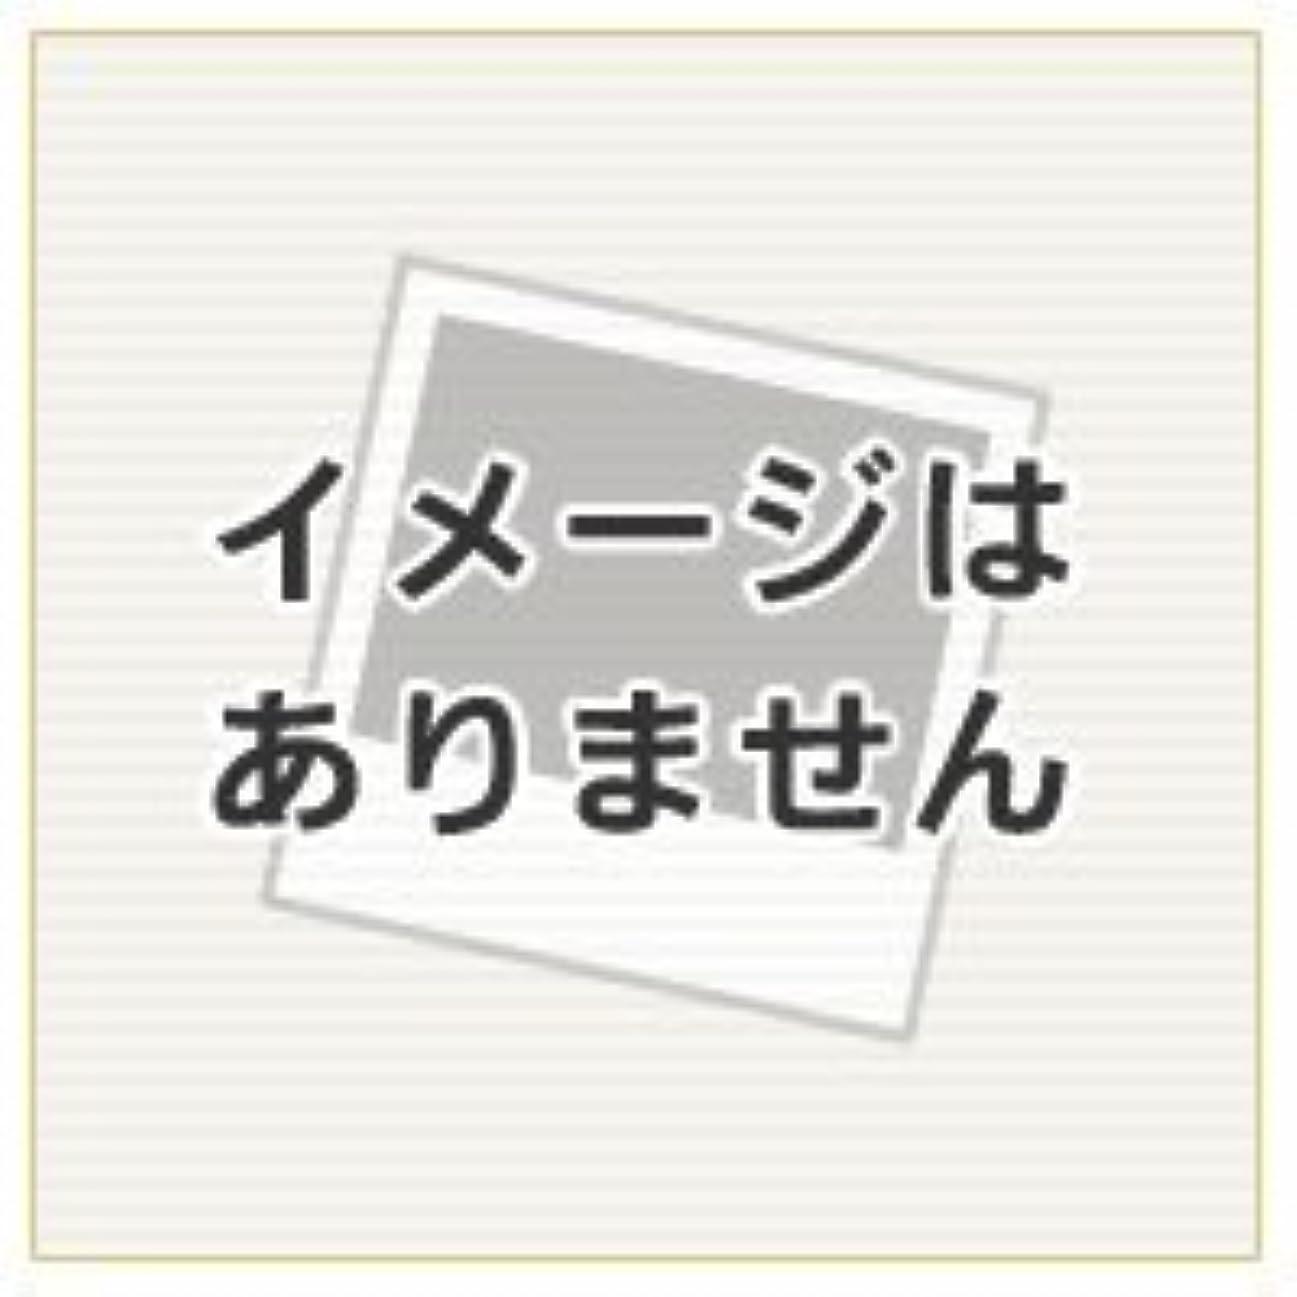 で誤解する高揚したリンナイ ビルトインコンロコンロ下部飾り【受注生産品】 098-9416000